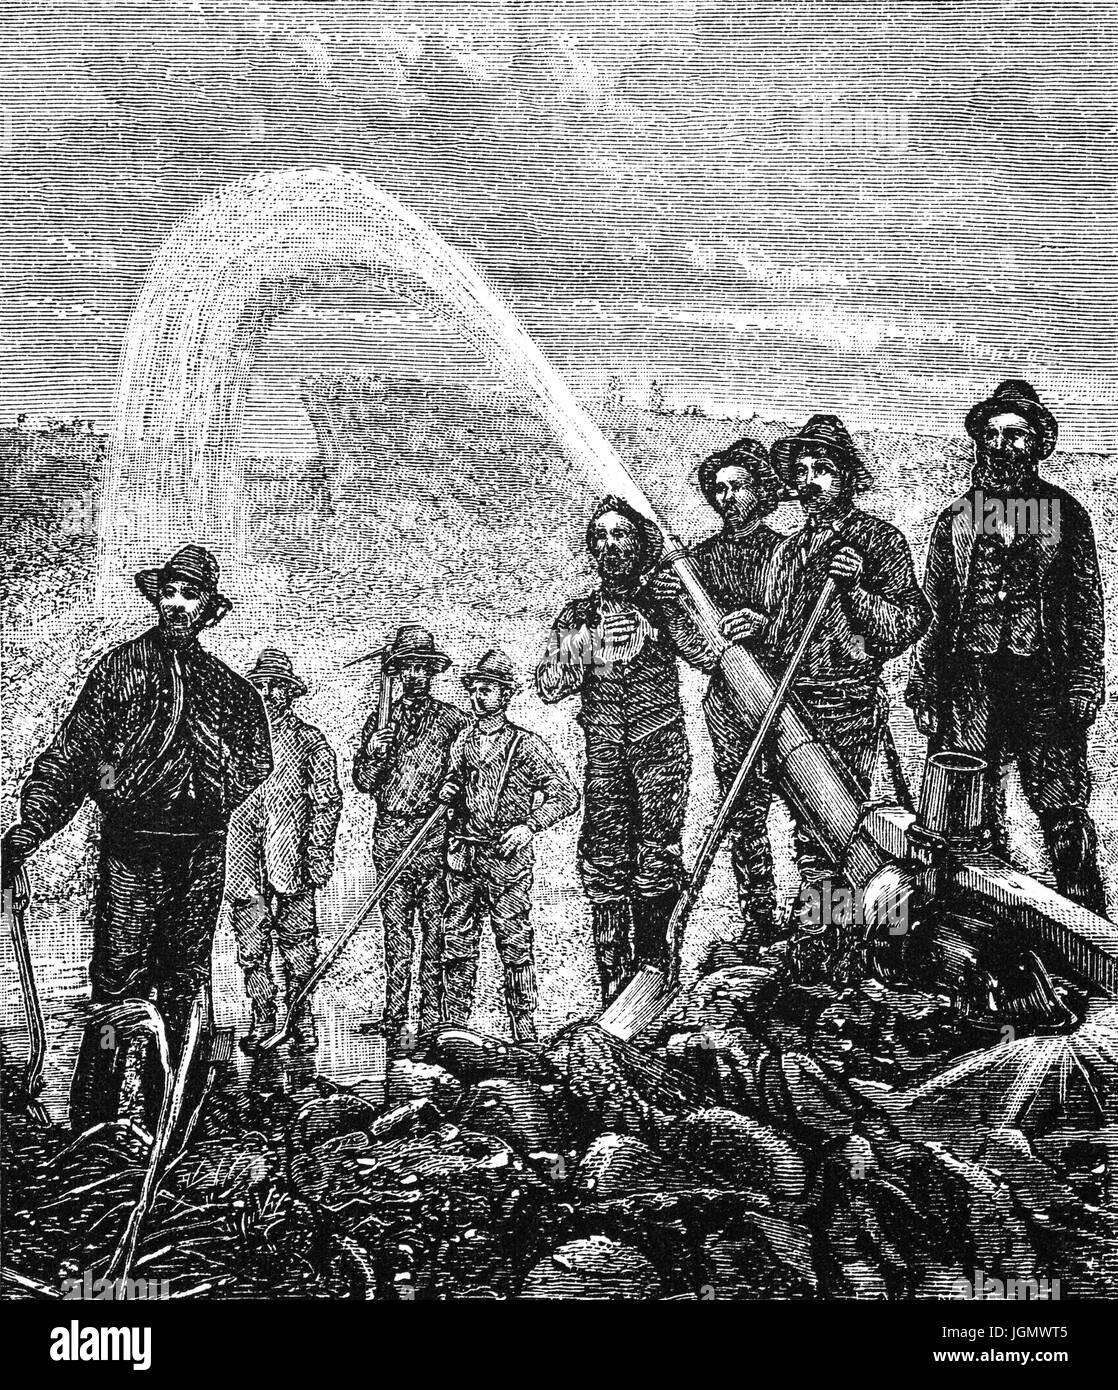 1879: Silber Bergleute mit einer Hydraulikpumpe, Utah, Vereinigte Staaten von Amerika Stockbild